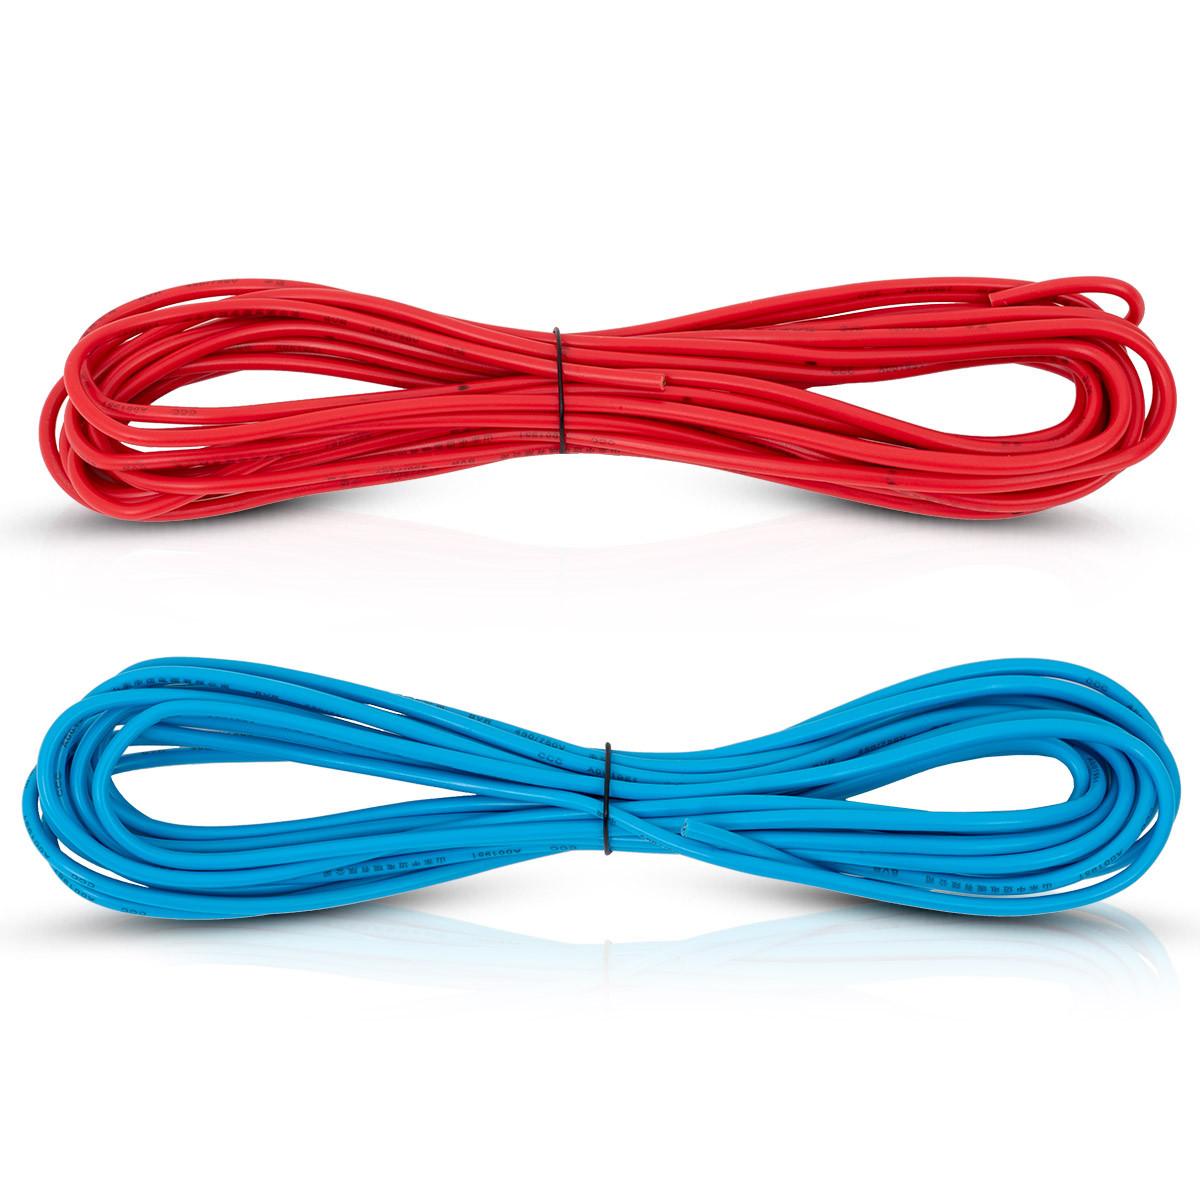 Przewody elektryczne czerwony i niebieski